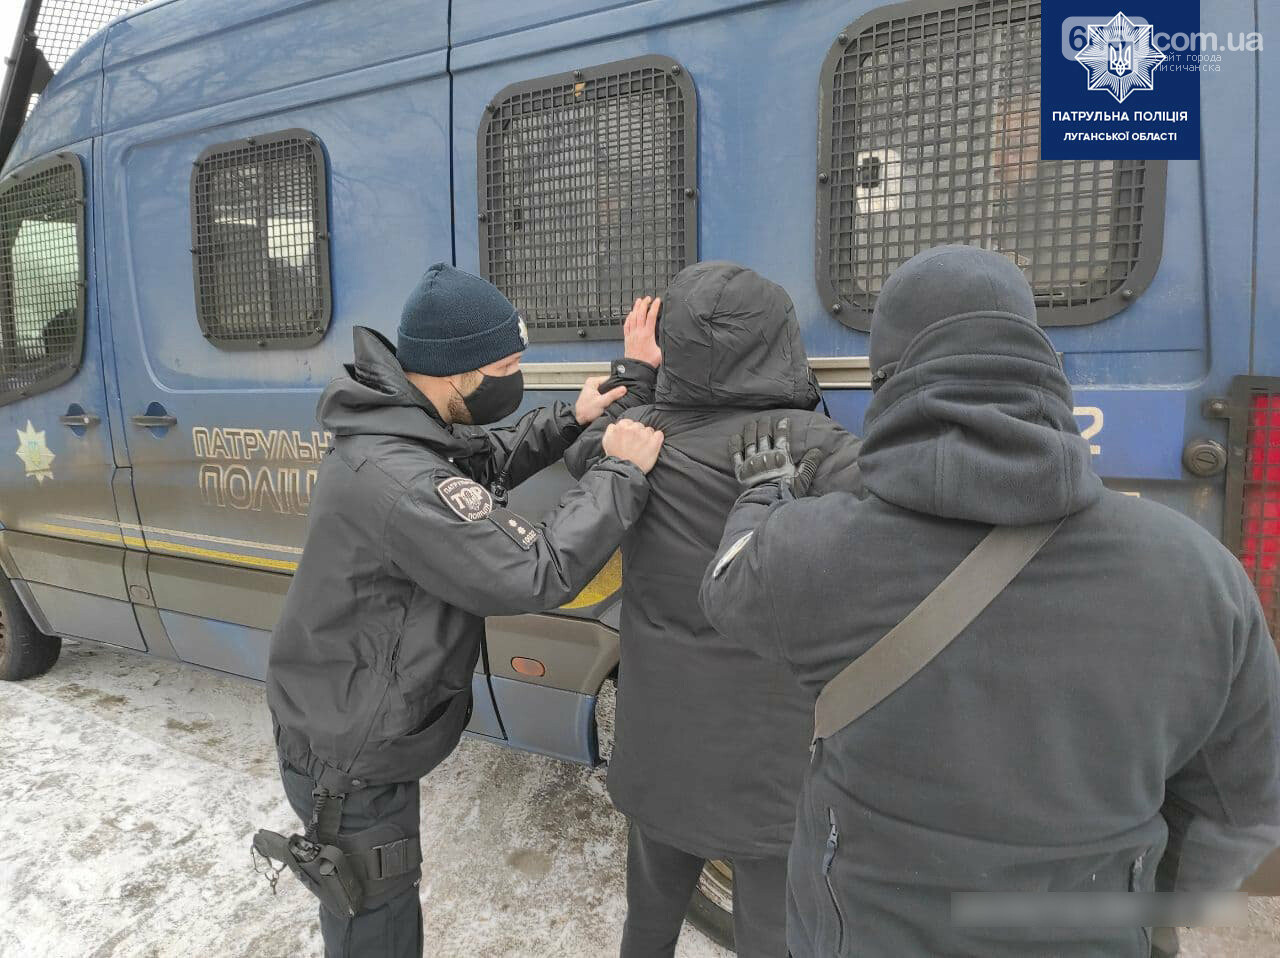 В Лисичанске мужчина распространял наркотики, фото-1, Патрульна полиция Луганской области